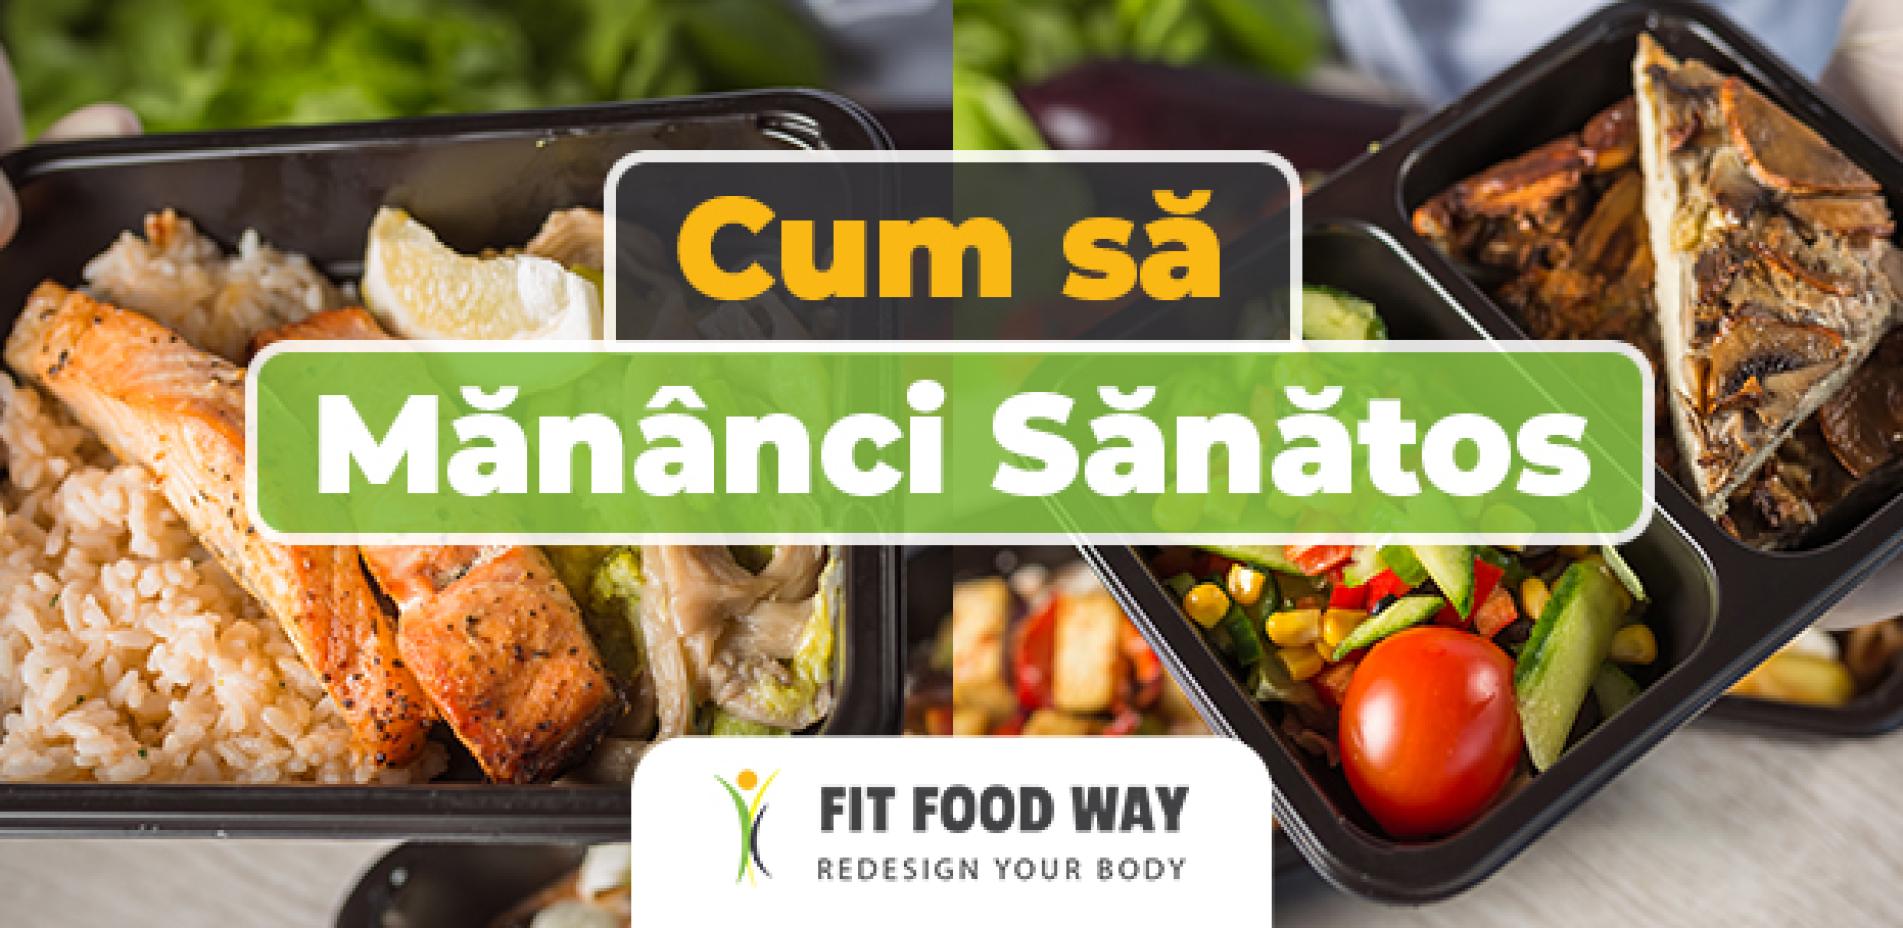 Cum să mănânci sănătos?